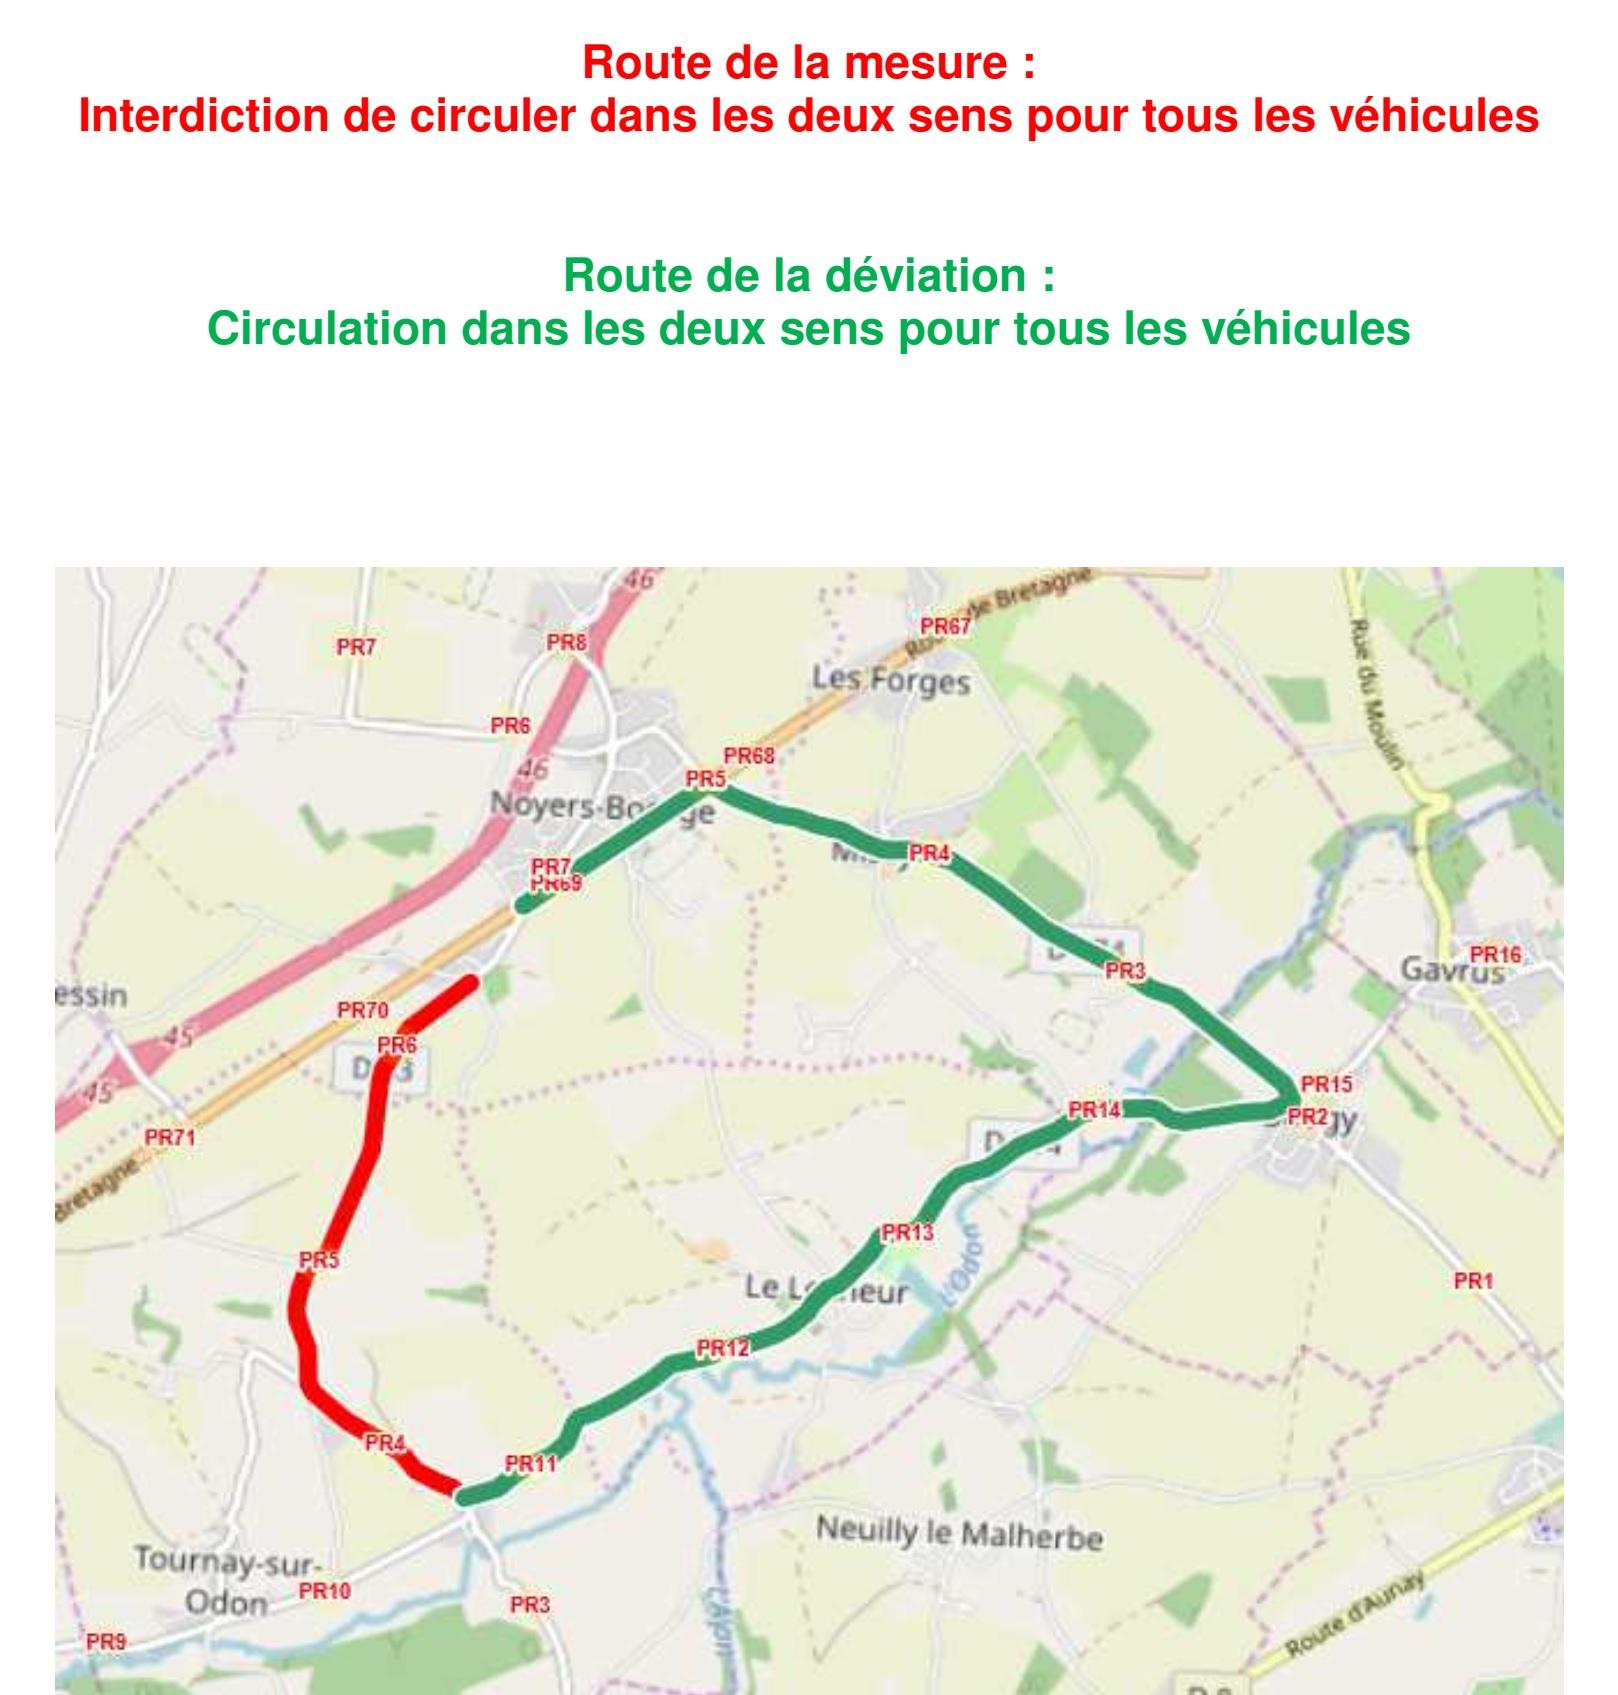 20190909travaux sur la d83 a tournay sur odon